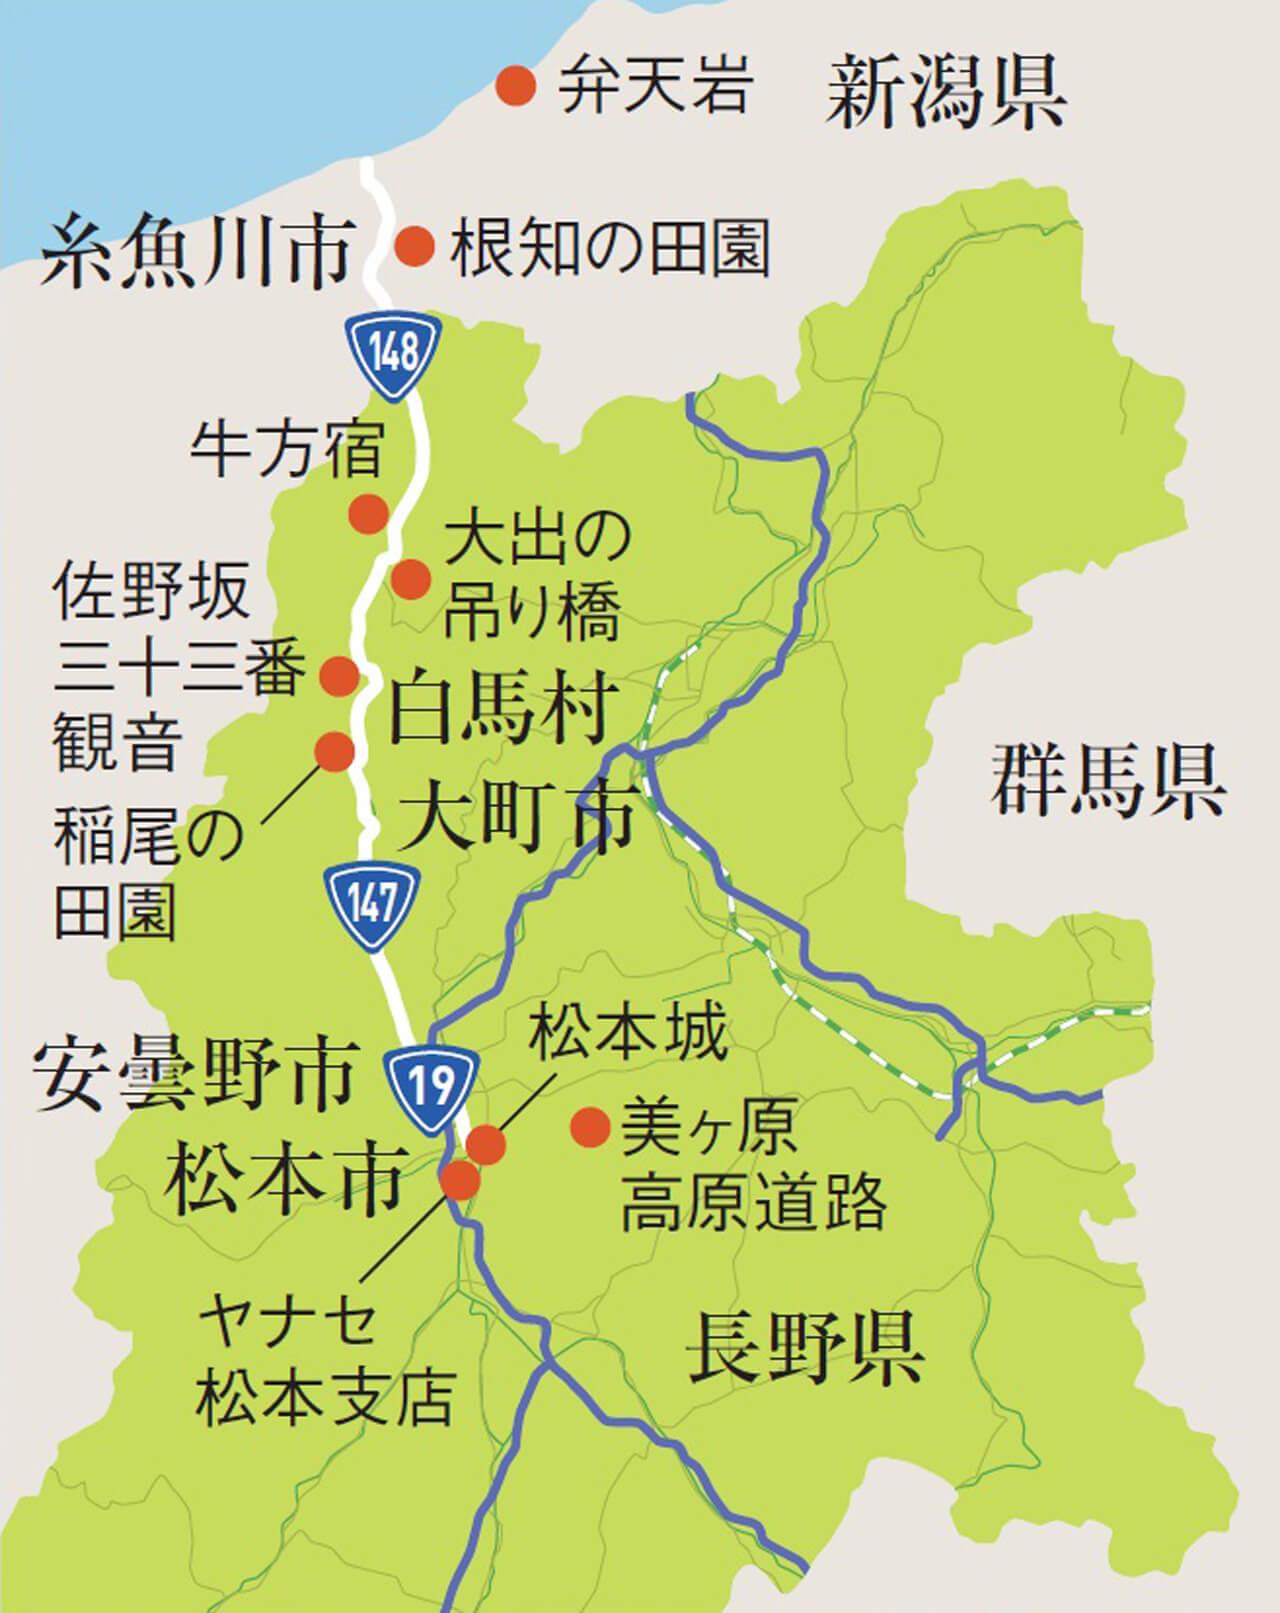 【YANASE presents 】「この道、この旅。」~長野県・塩の道(千国街道) 編 - NAGANO DRIVE SHIONOMICHI (2)